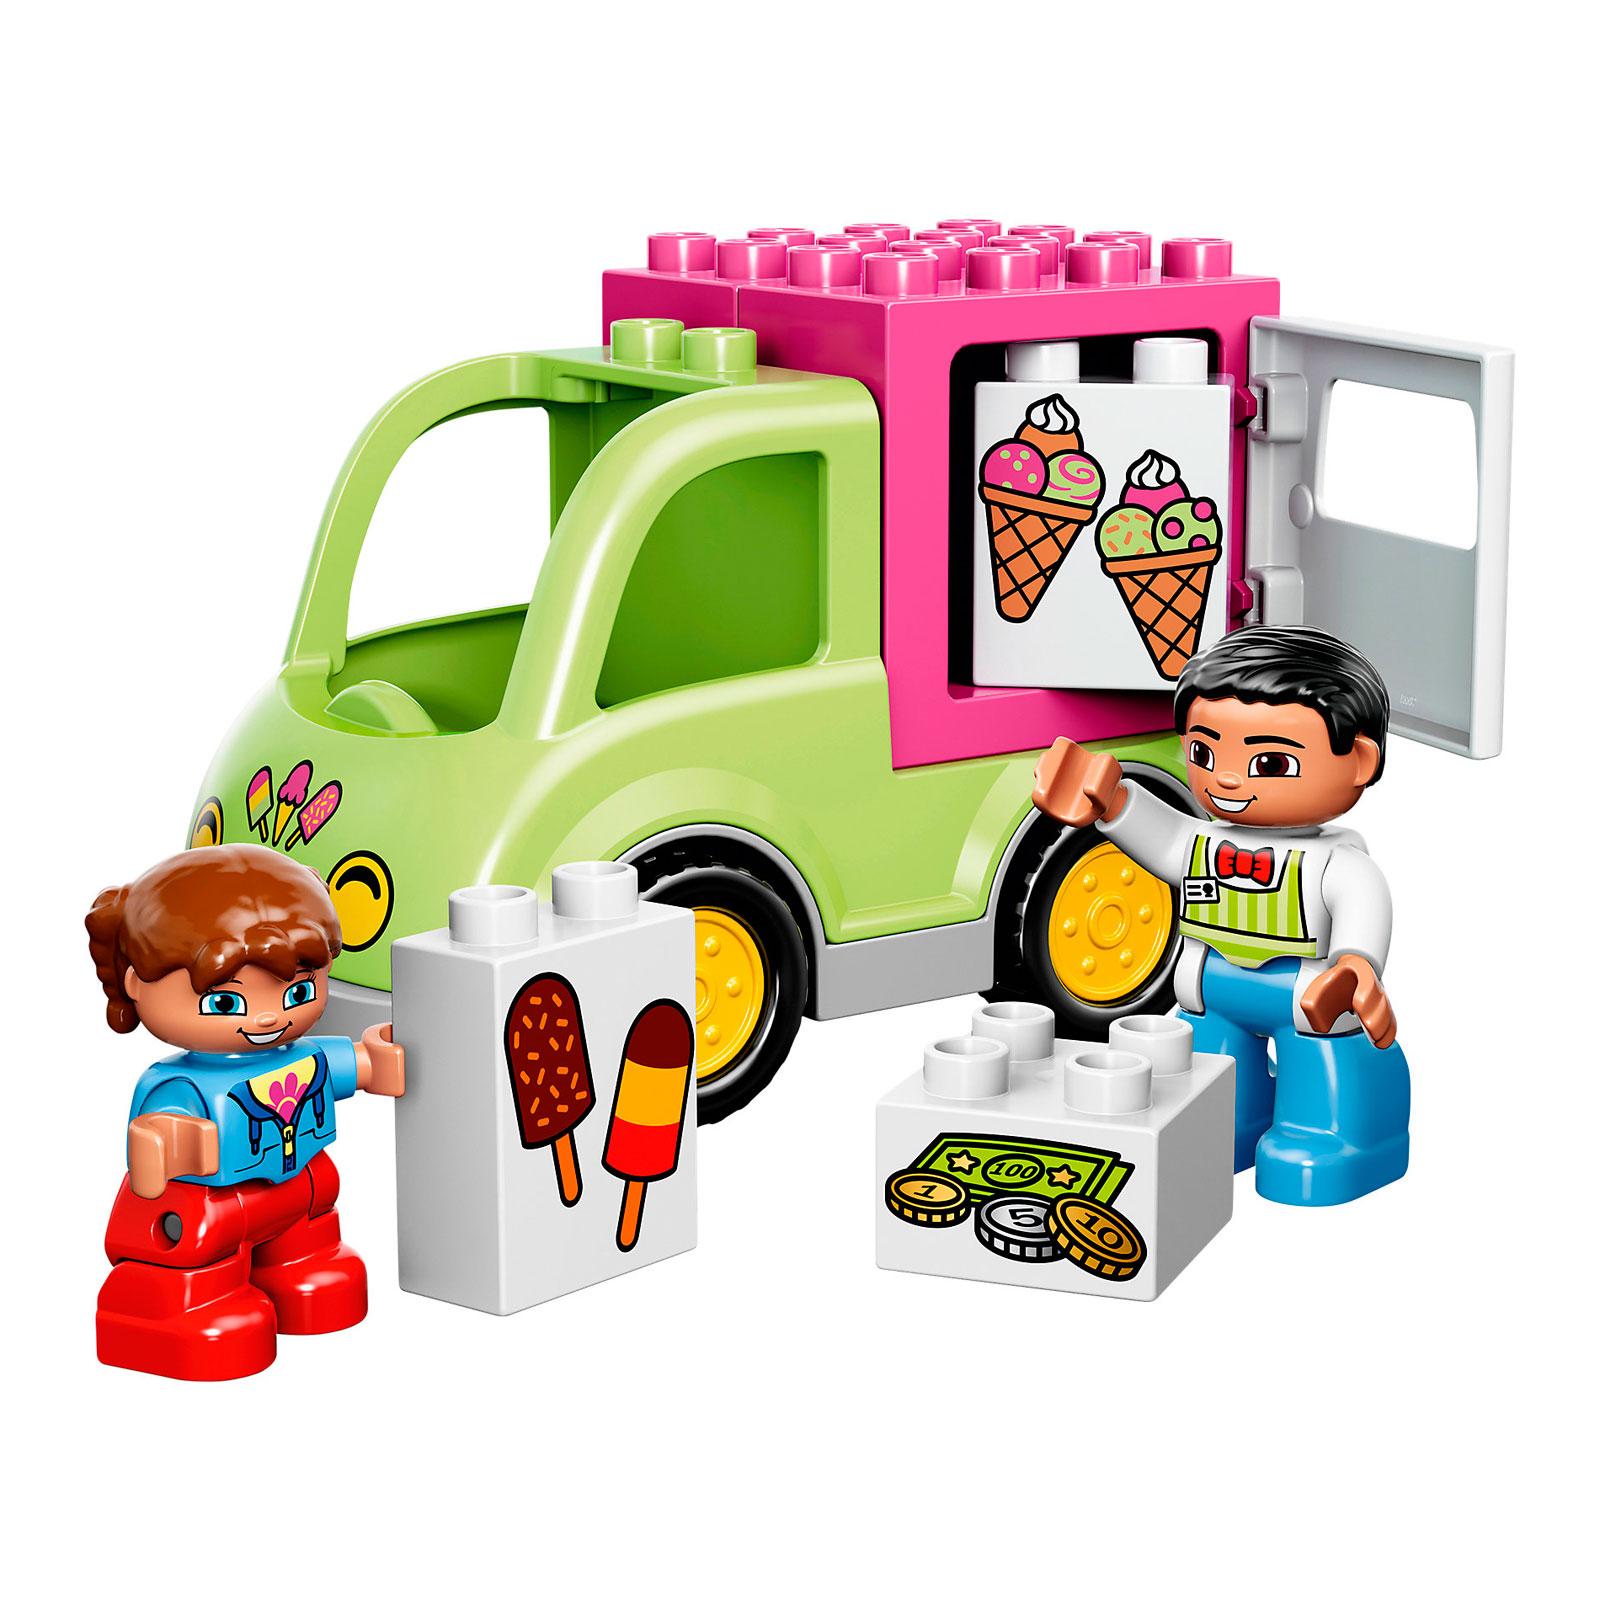 Конструктор LEGO Duplo 10586 Фургон с мороженым<br>